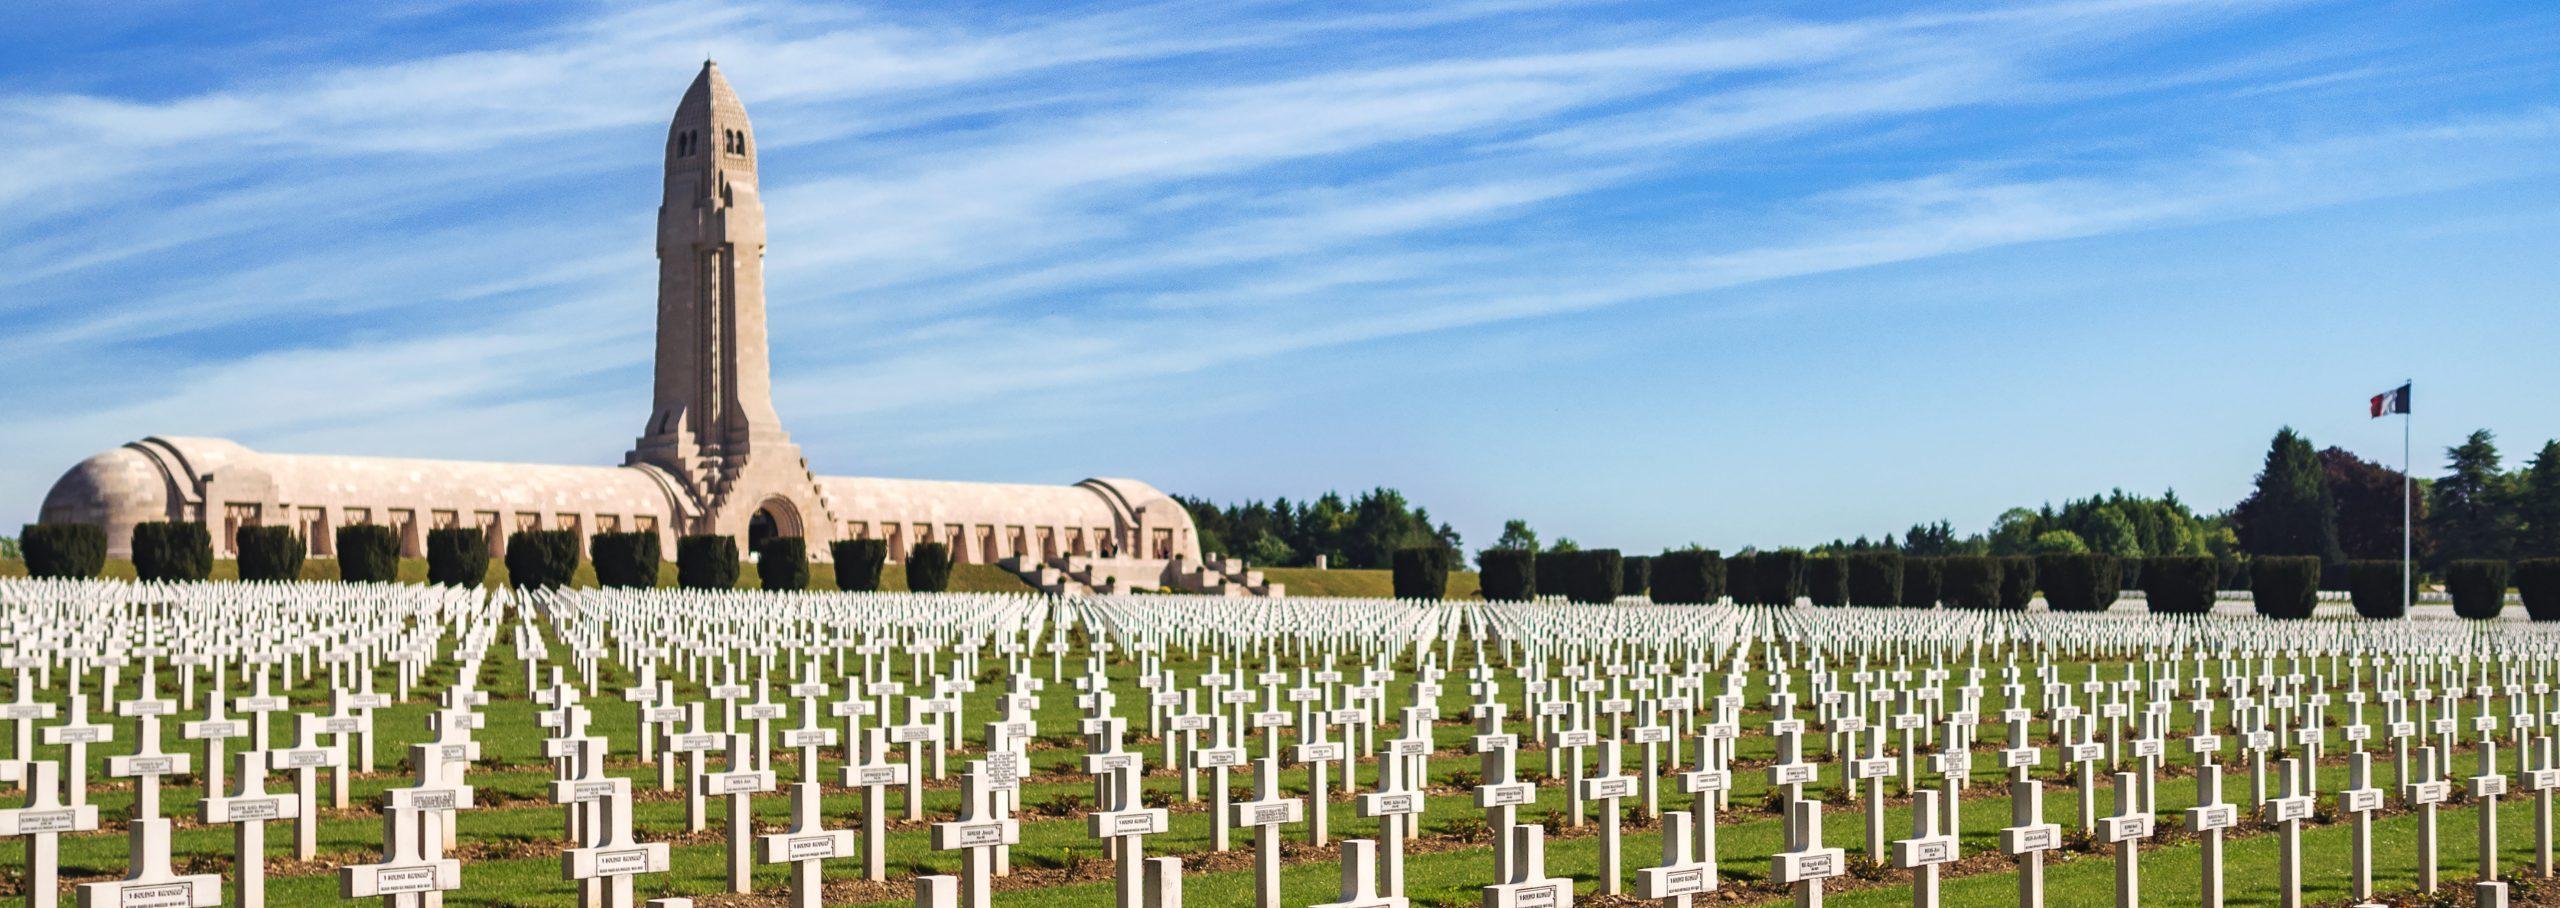 L´Orchidée Sauvage Champ de Bateille Verdun